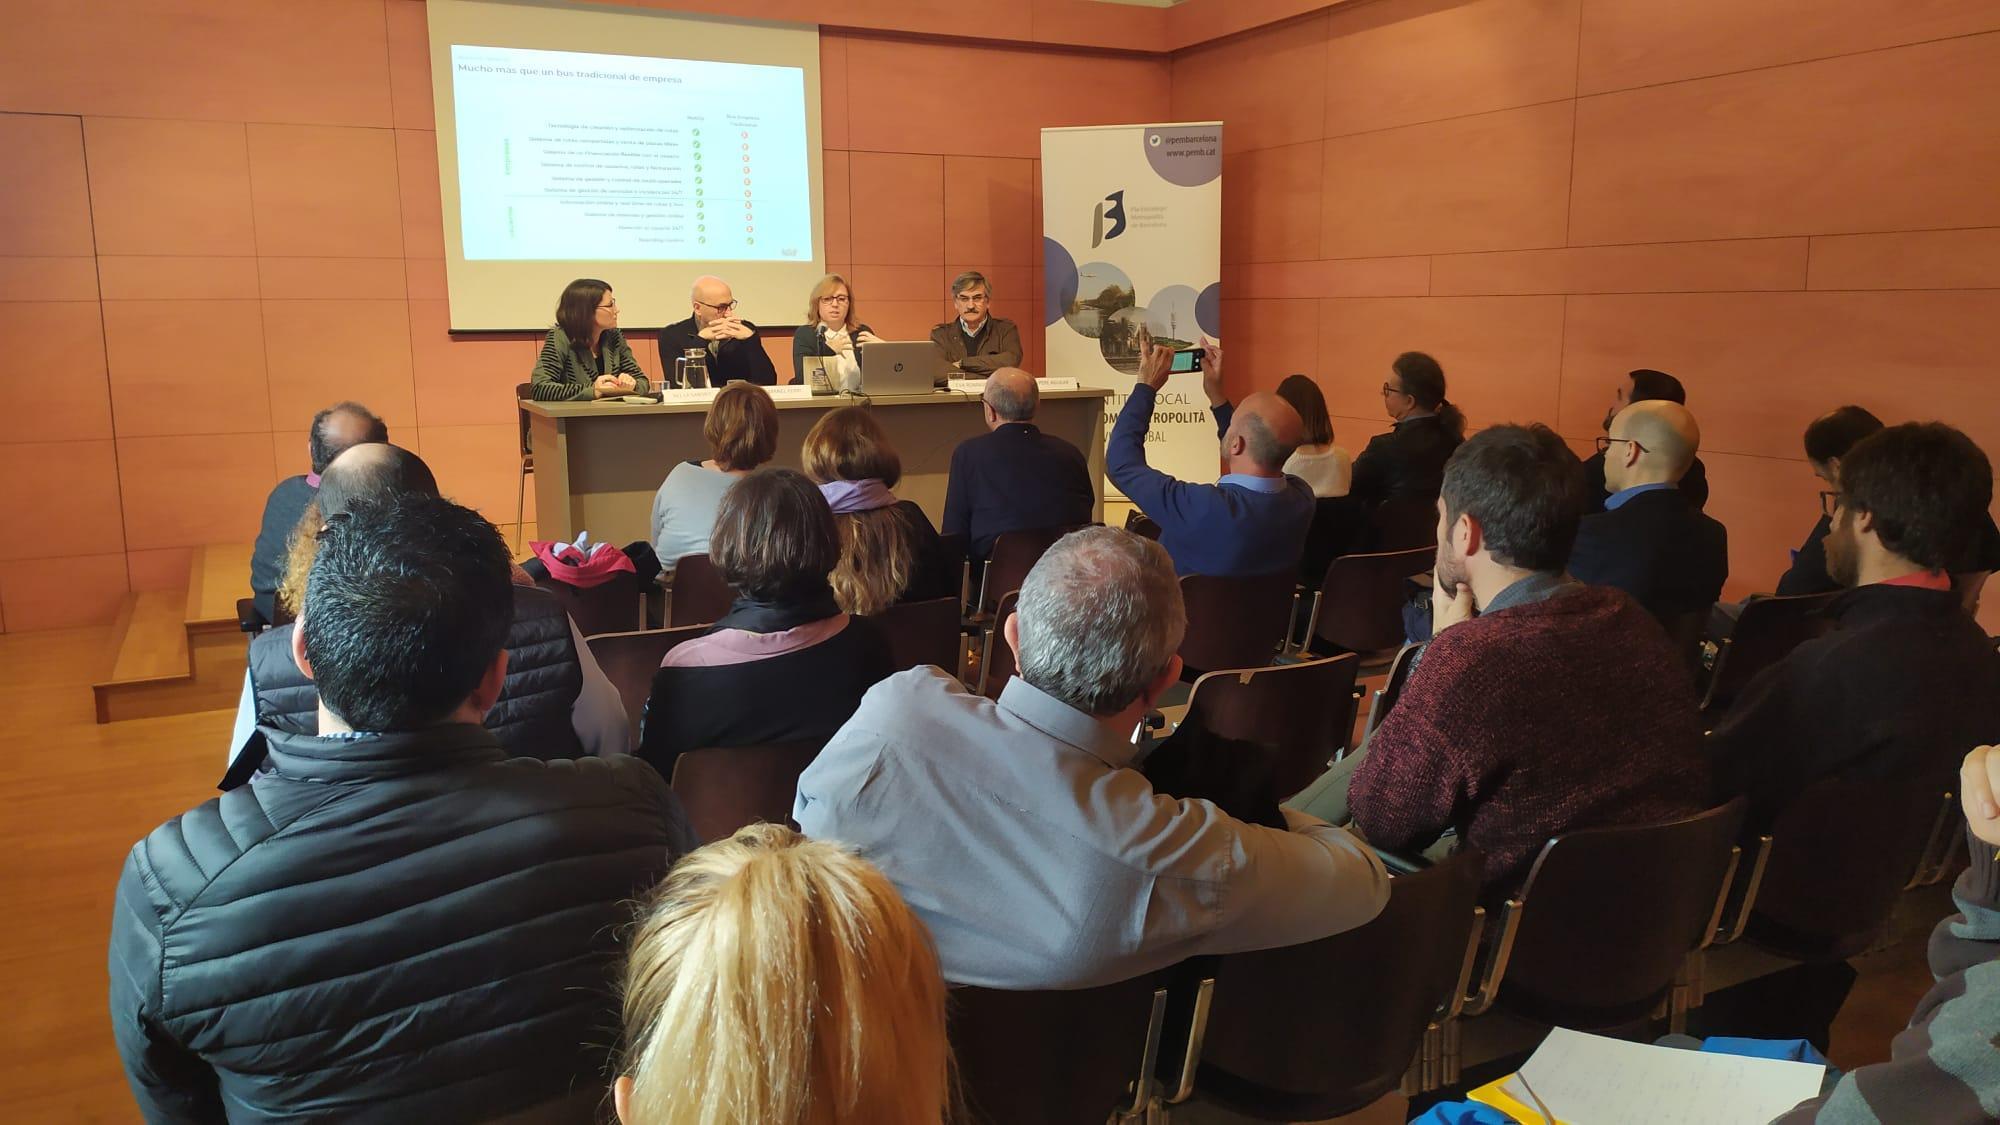 'Anar de casa a la feina, com abordar-ho al segle XXI', debat sobre mobilitat en el marc de la Mobile Week Barcelona. Parla Eva Romagosa de BusUp